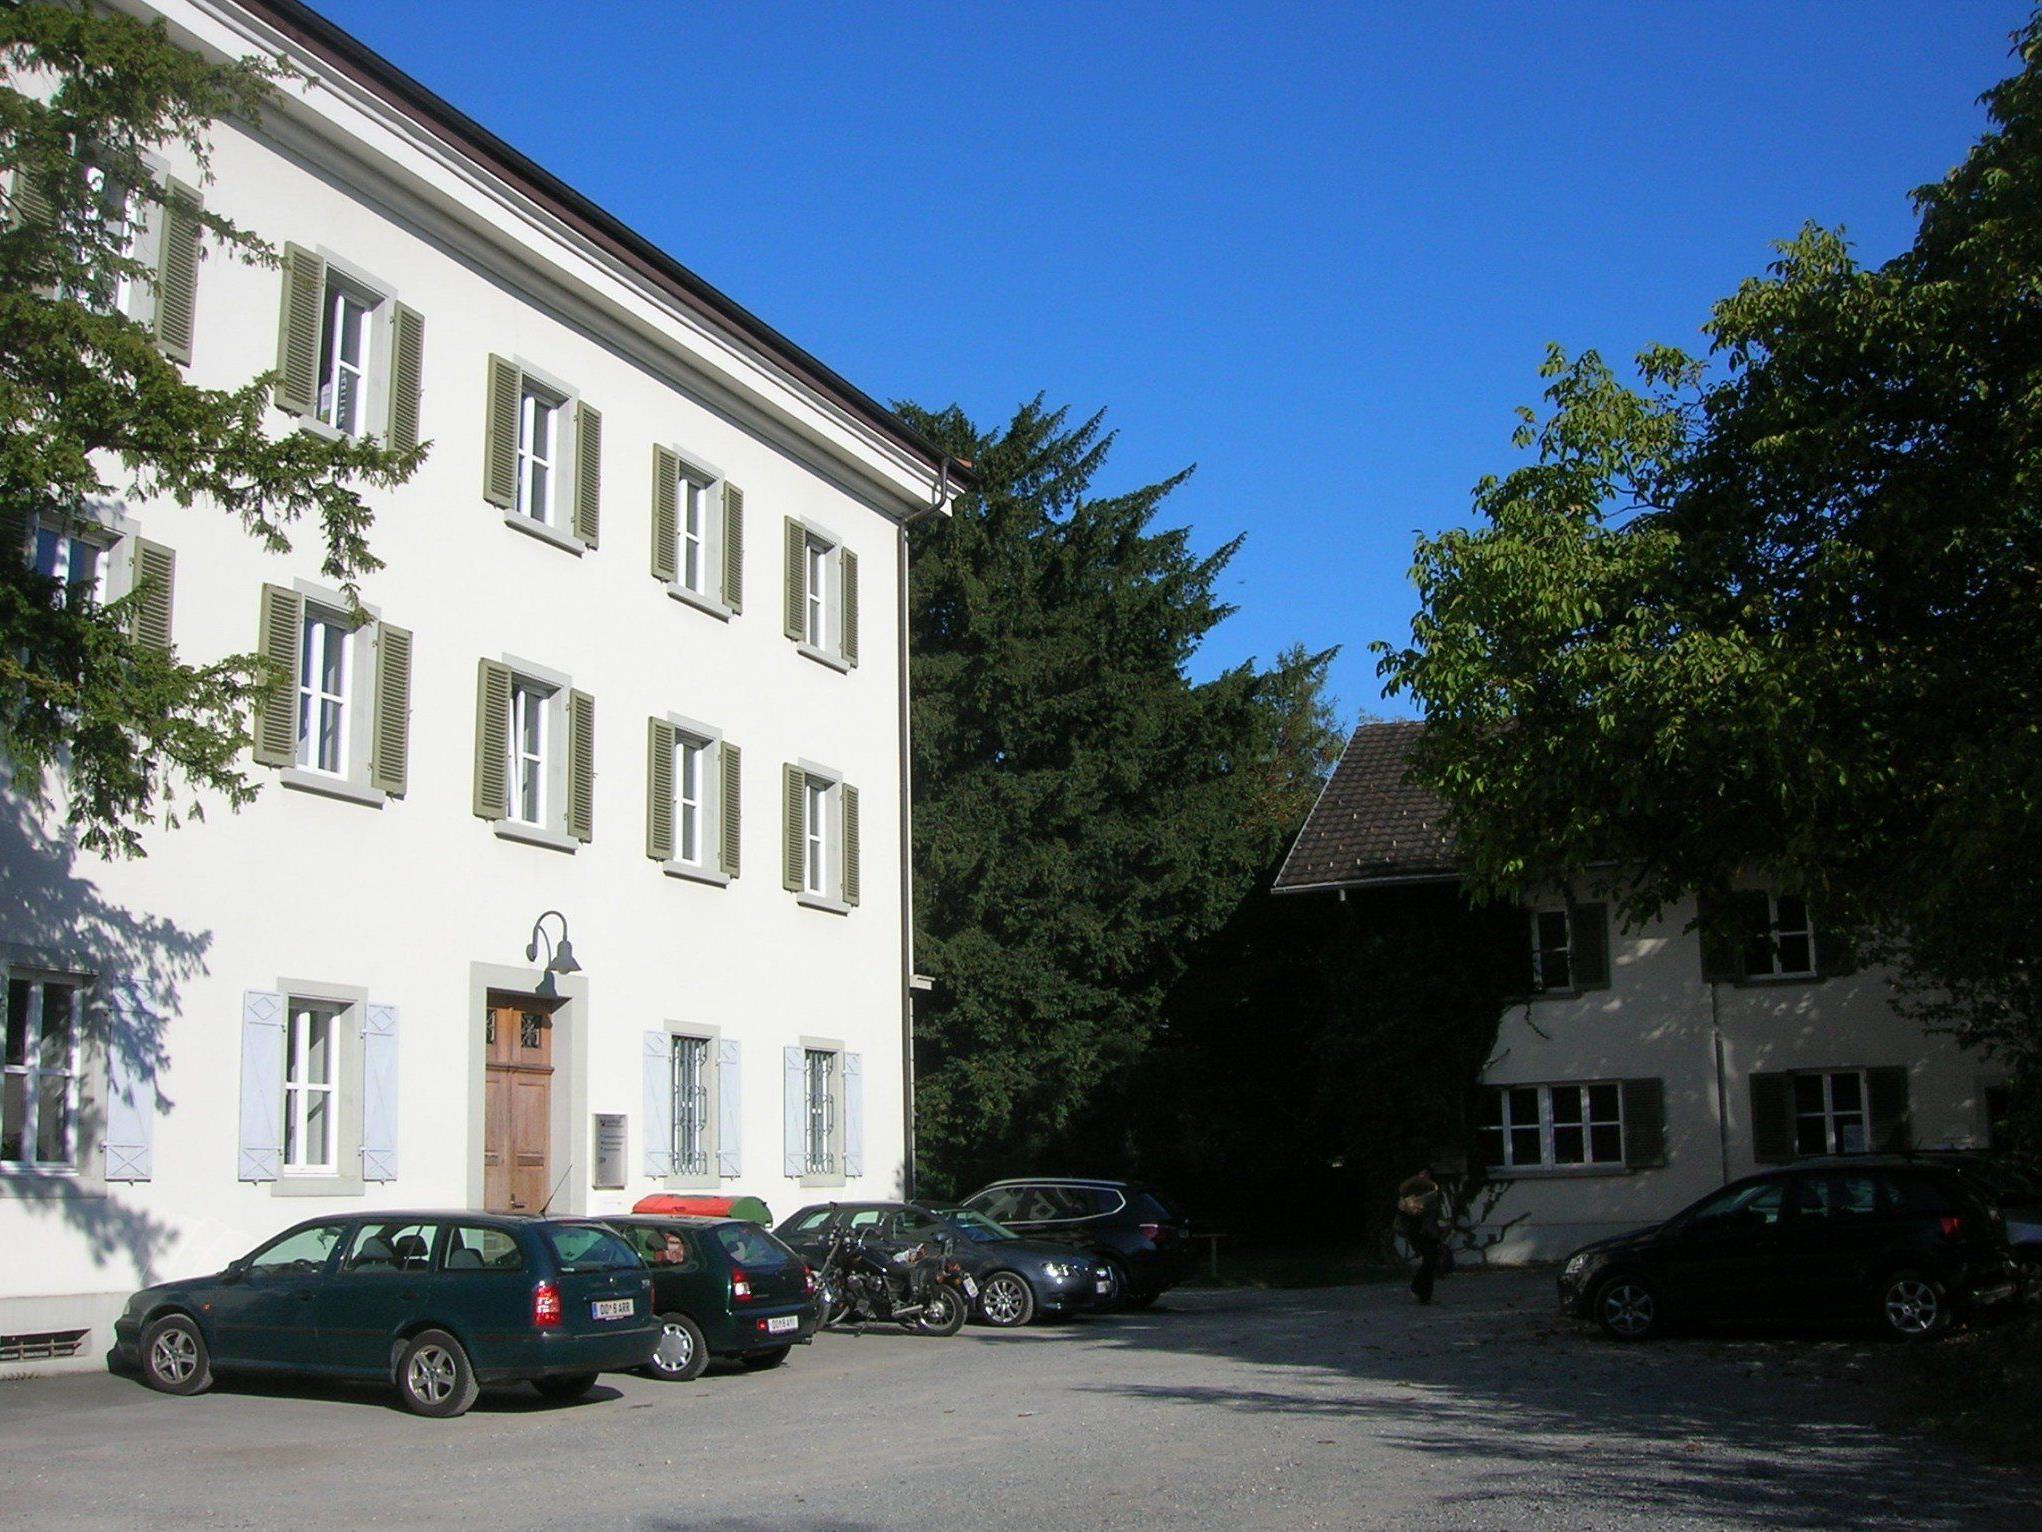 2015 findet der Spatenstich für den Kiga statt. Das Gebäude rechts hinten wird abgebrochen.